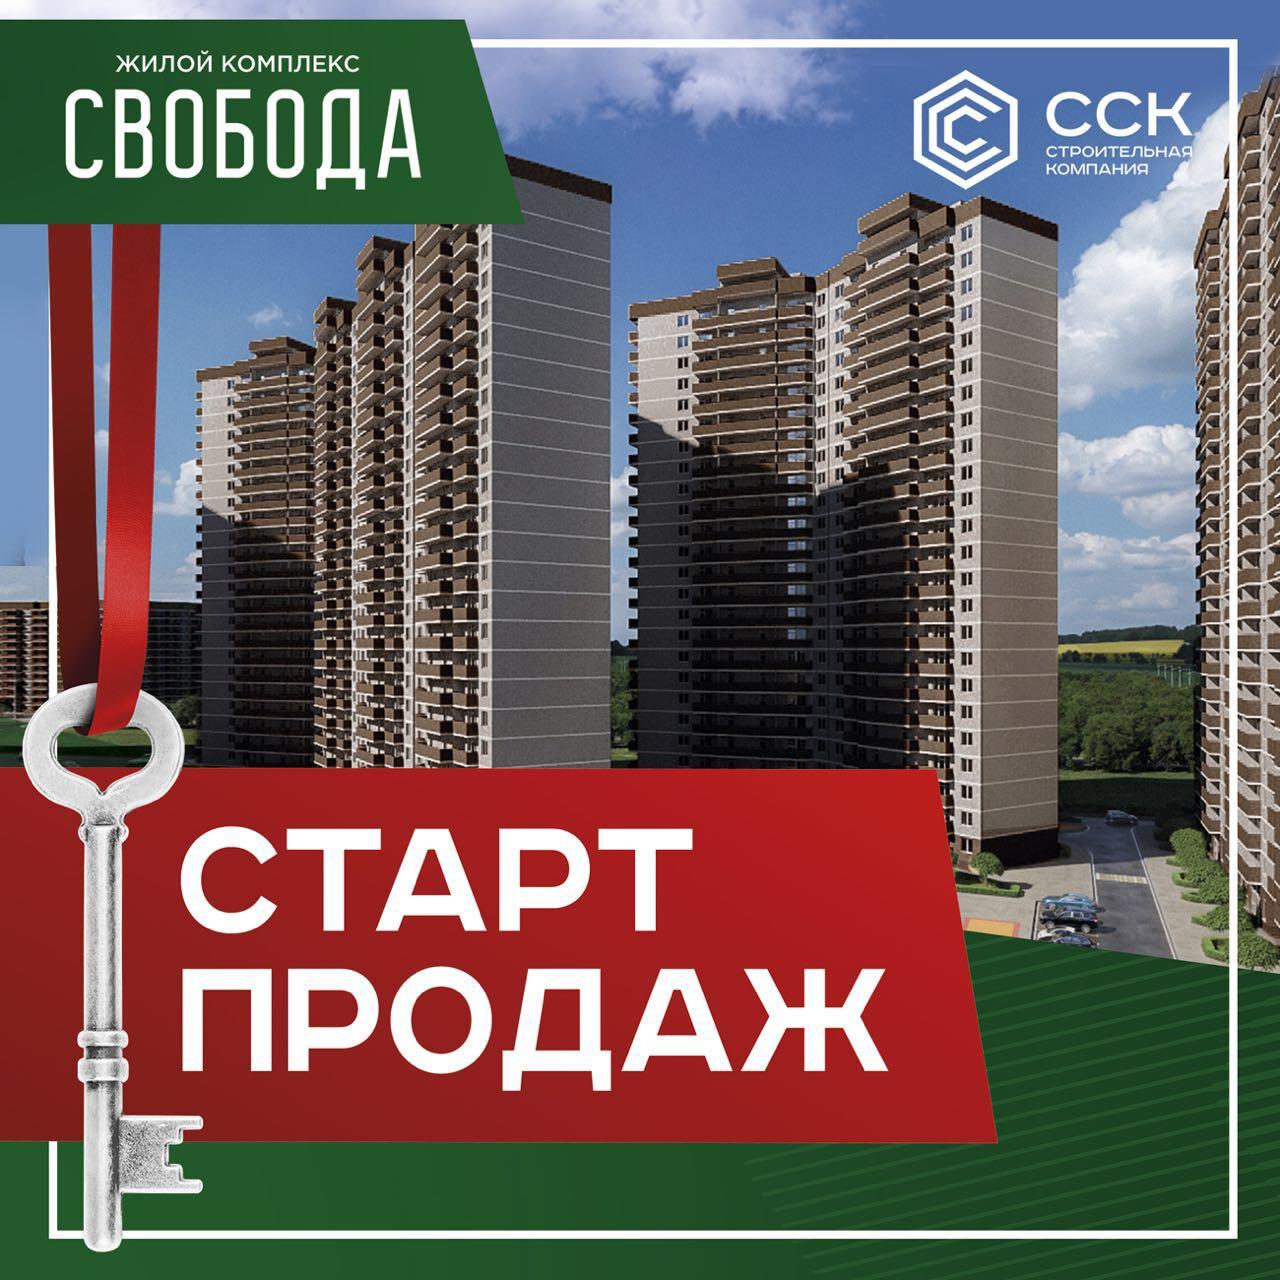 Жилой комплекс «Свобода» в Краснодаре. ССК